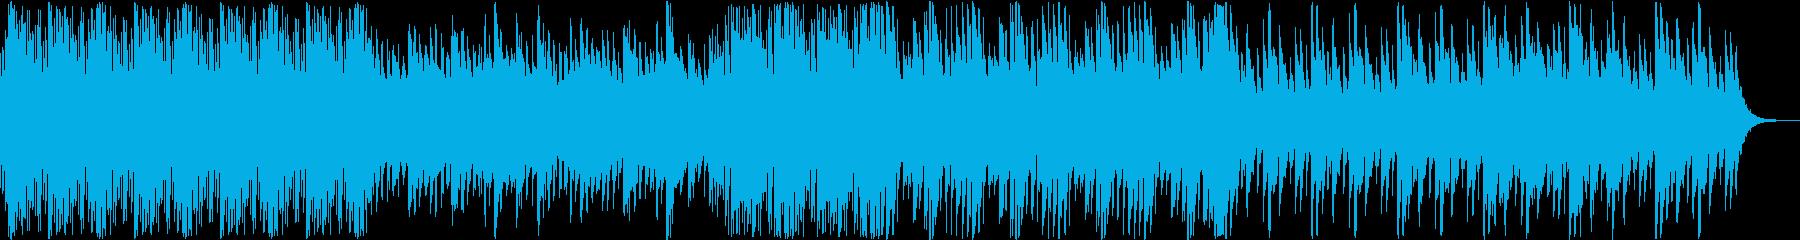 和風のゆったりとした琴と笛(ver2)の再生済みの波形